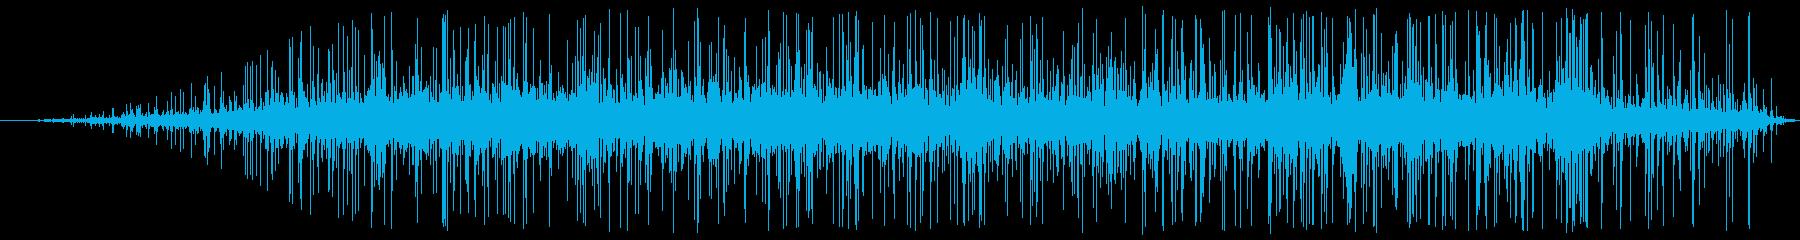 鍛冶屋:屋外:電気カーボン燃焼の再生済みの波形